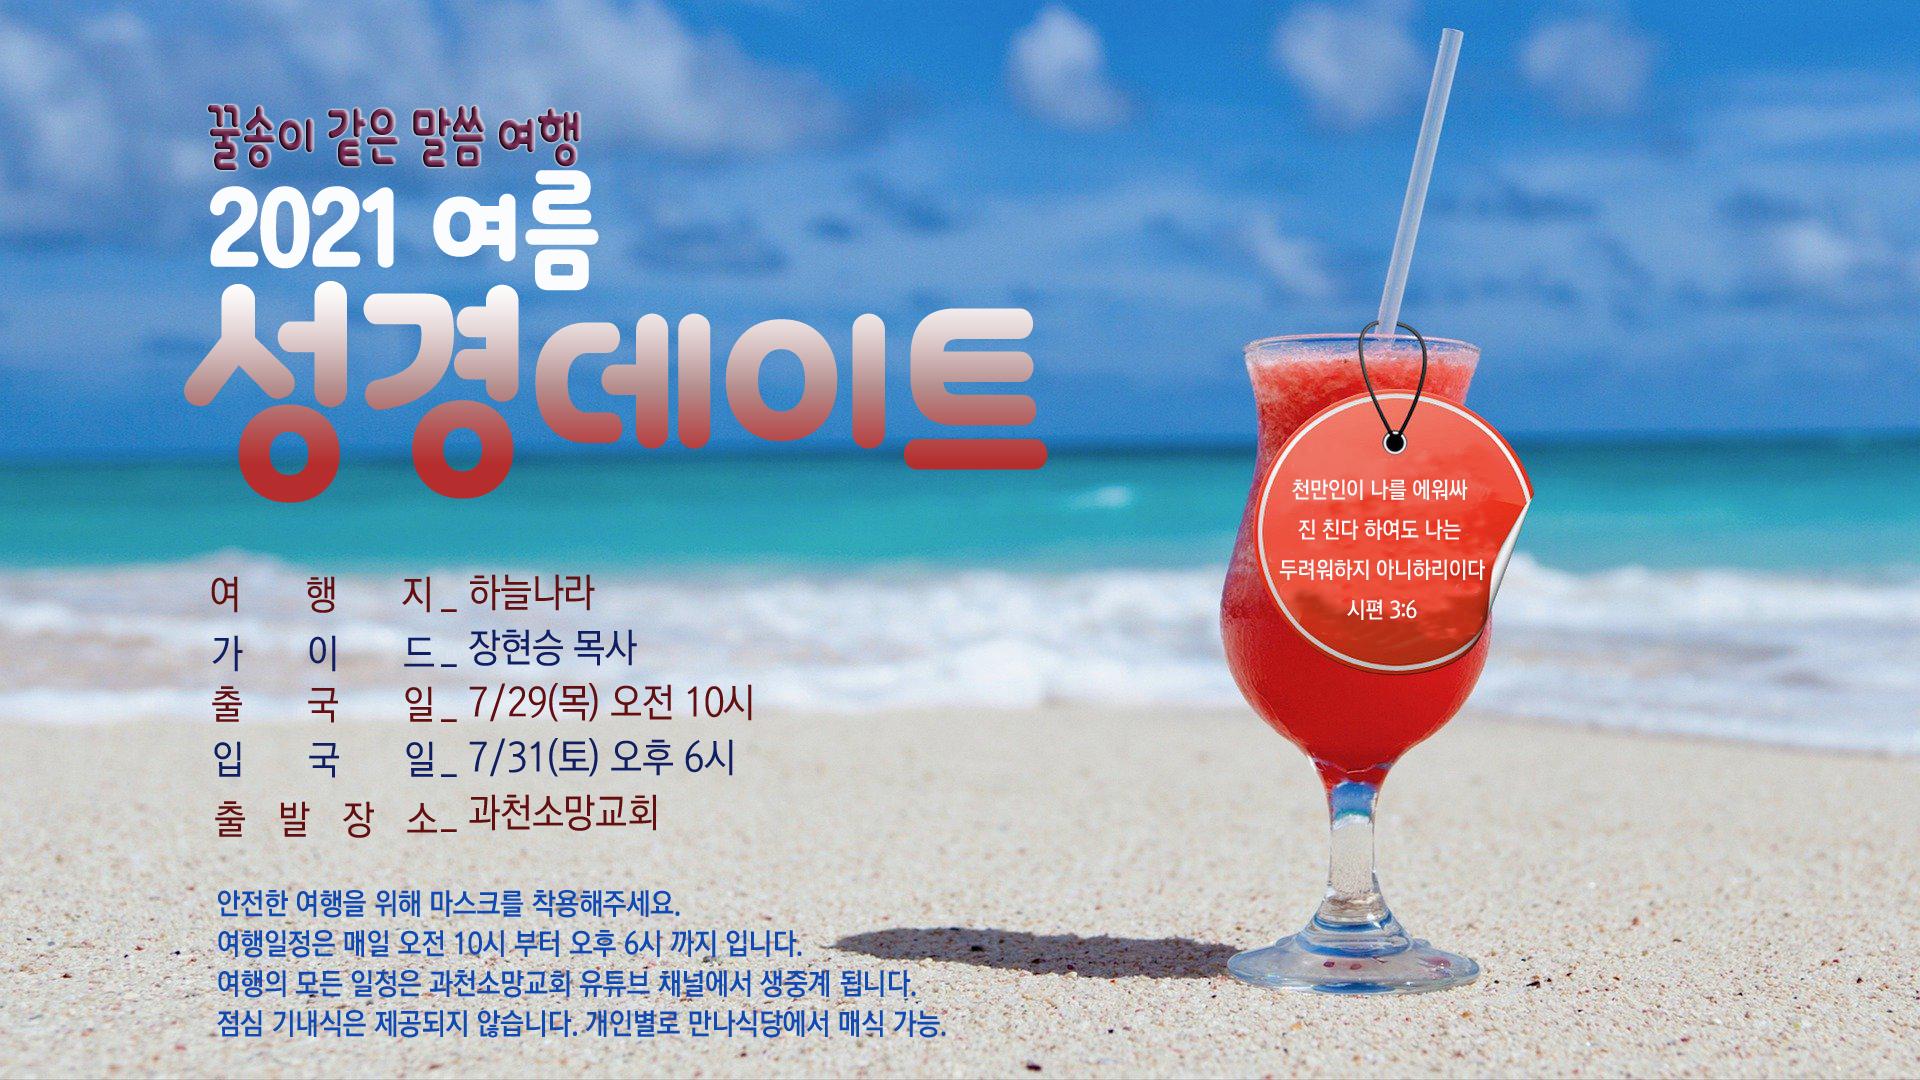 2021여름성경데이트 홍보이미지.jpg